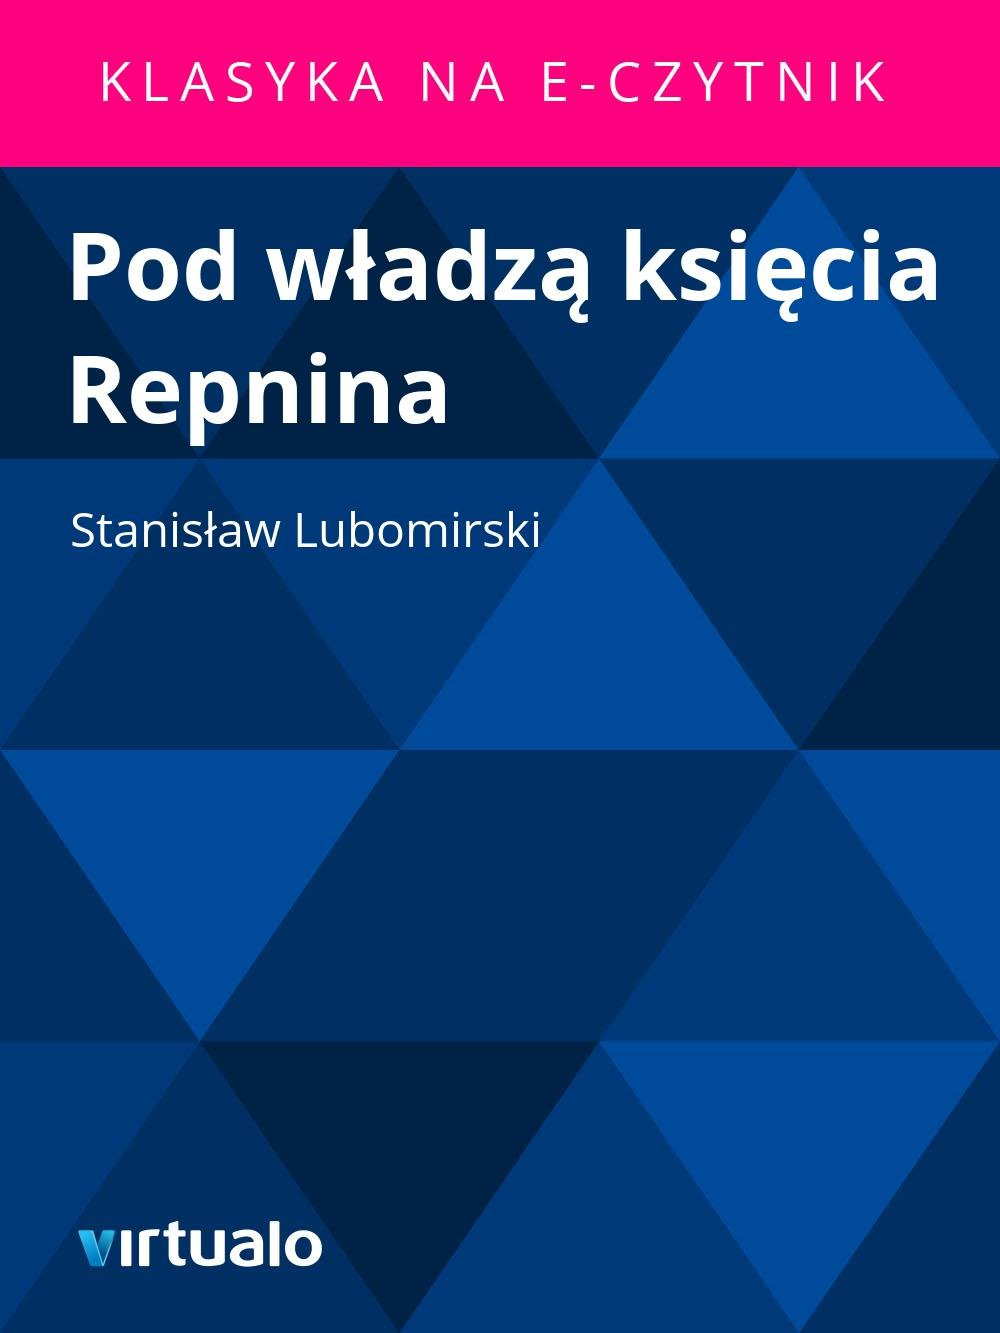 Pod władzą księcia Repnina - Ebook (Książka EPUB) do pobrania w formacie EPUB